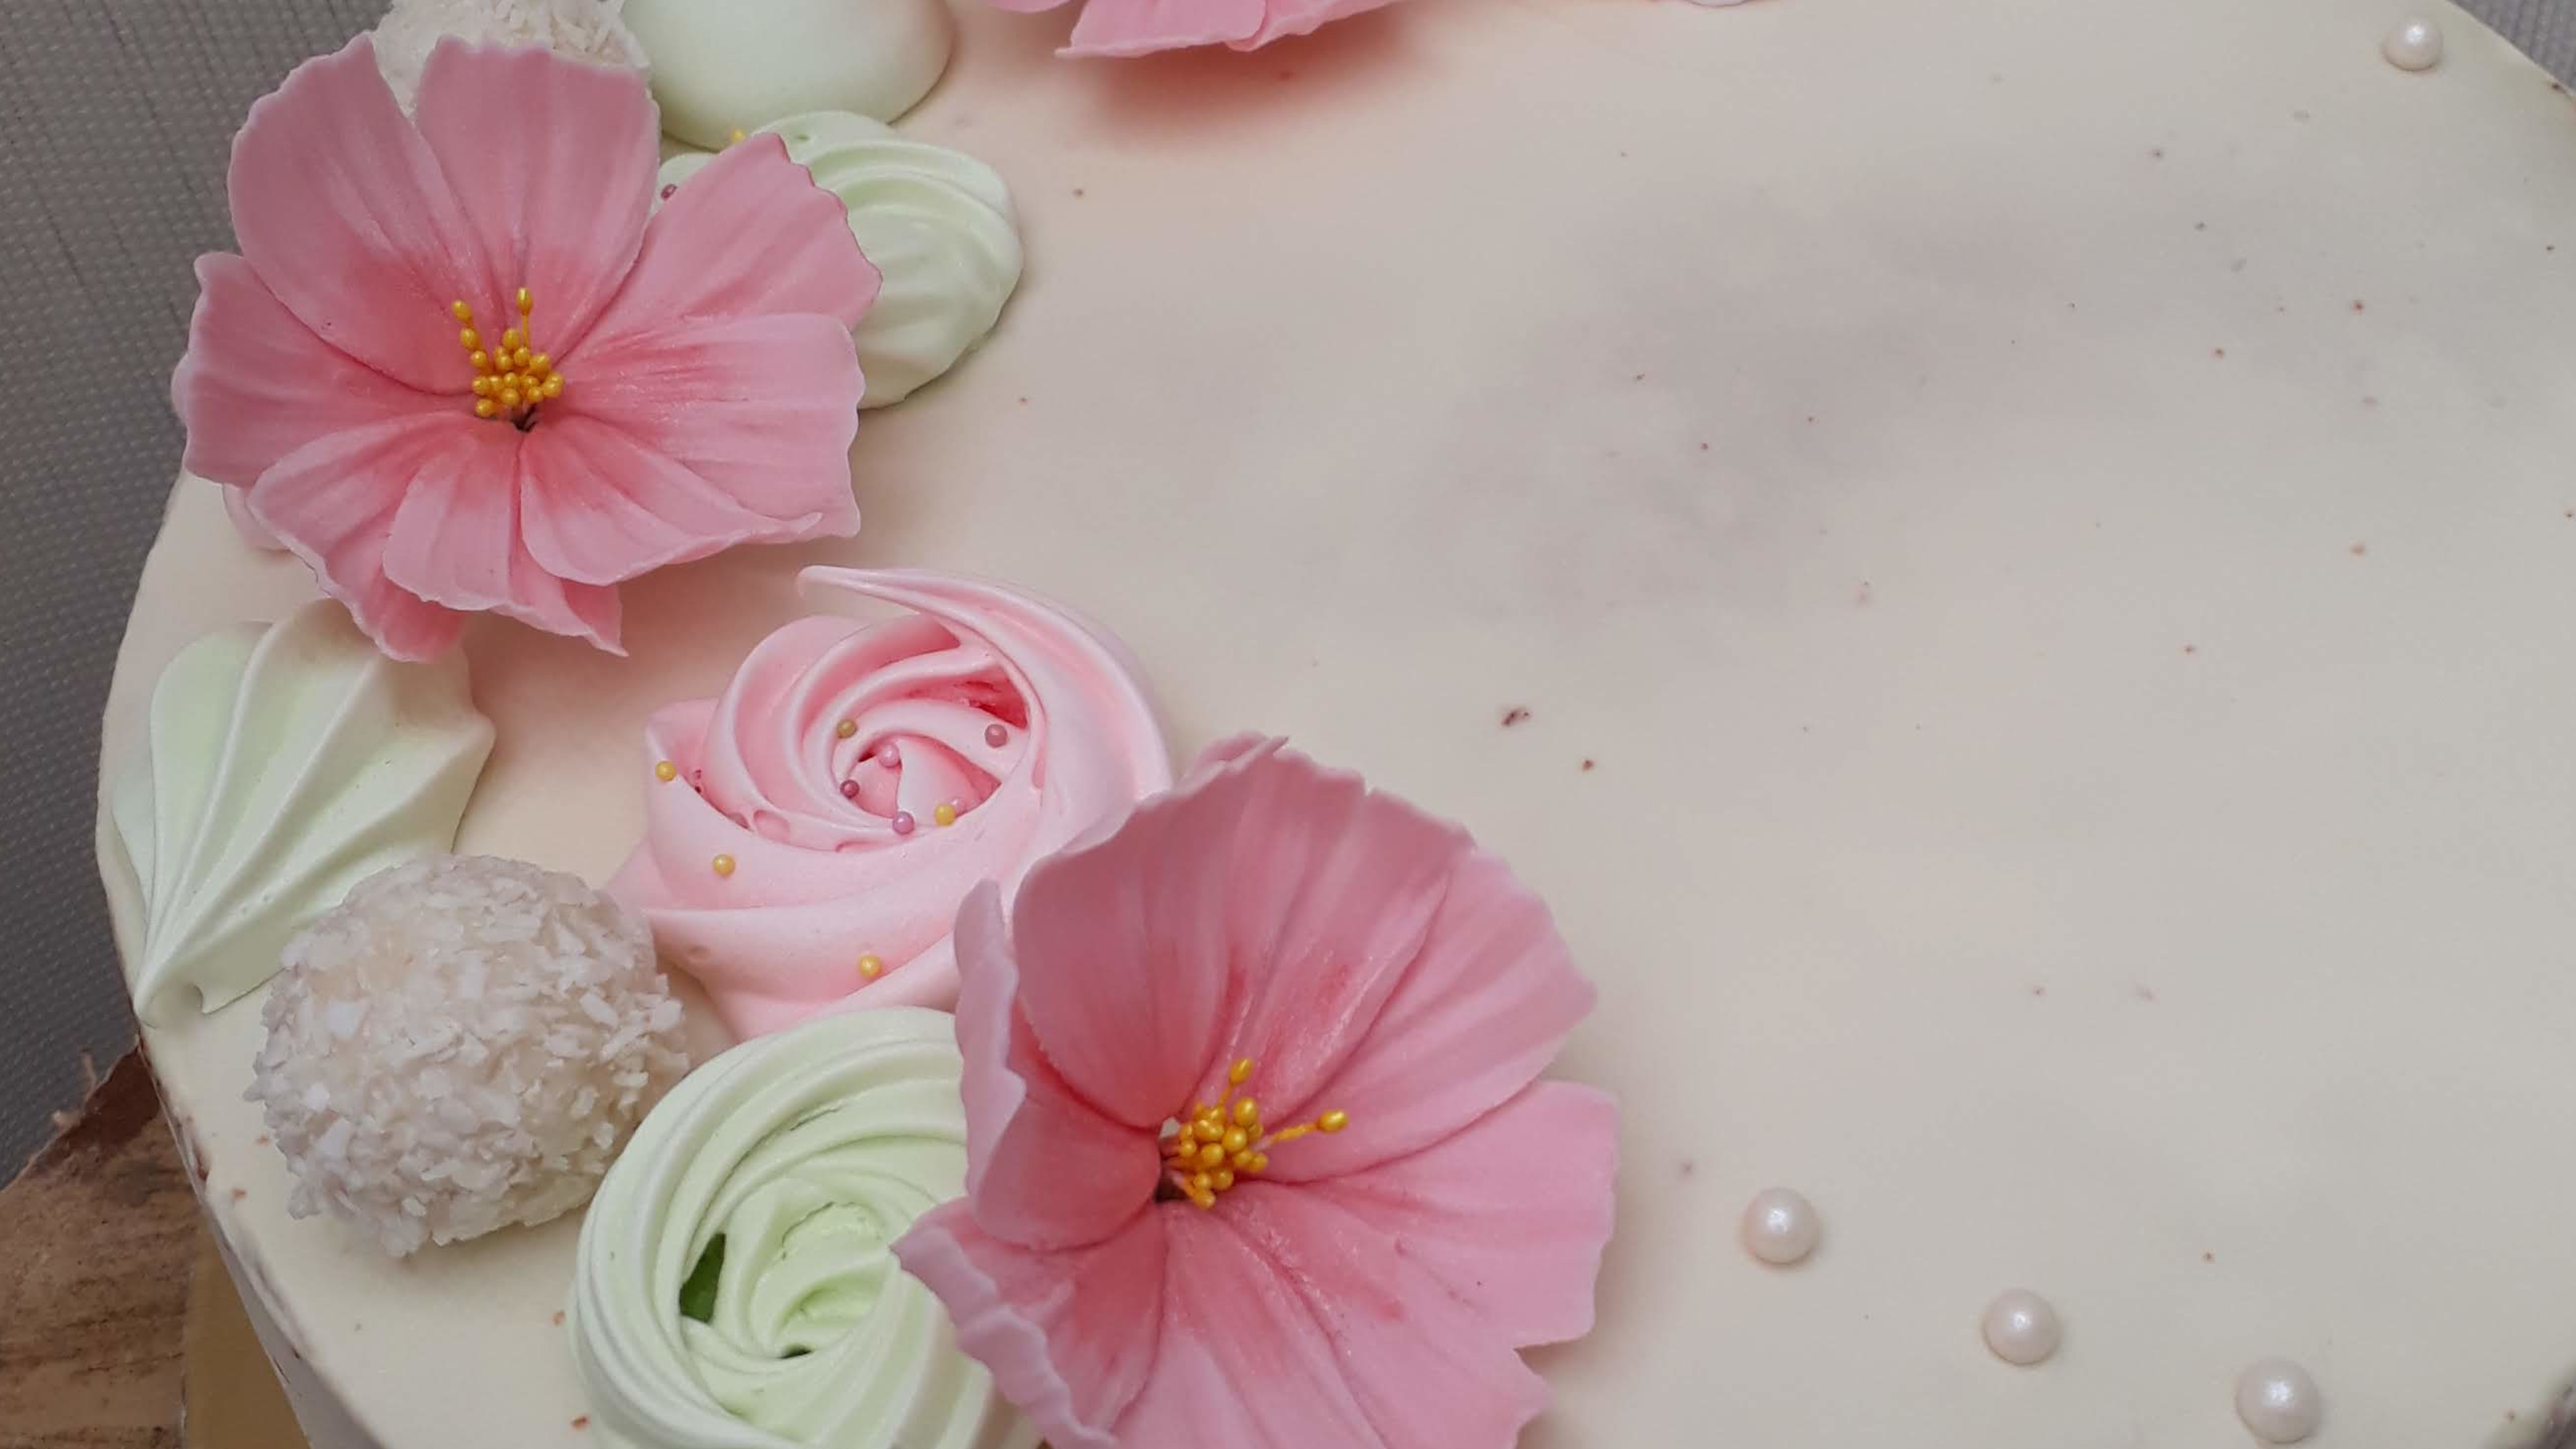 Pillangóvirág (cukorvirág)